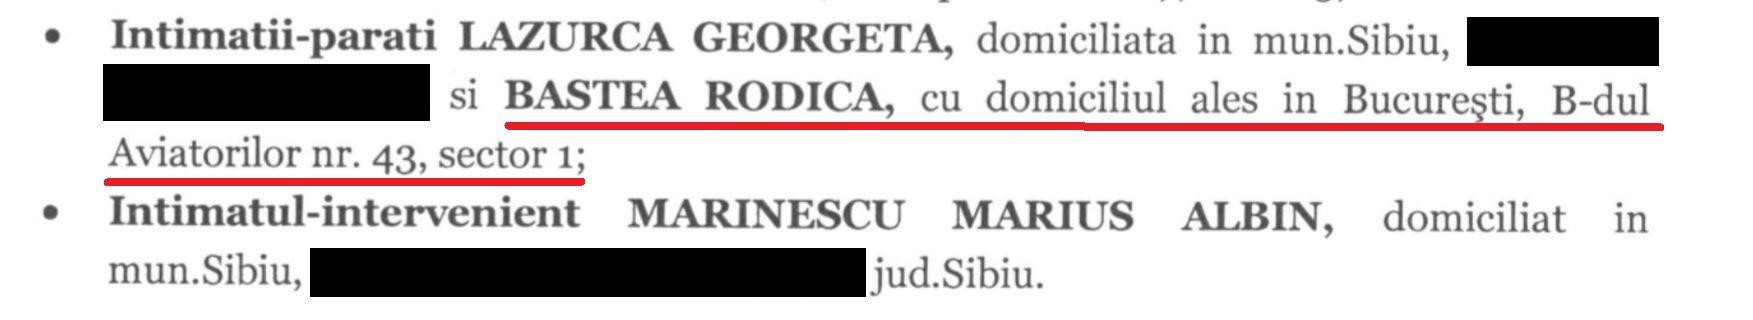 În acțiunea de la Înalta Curte de Casație și Justiție, au scris propria lor adresă, din București, pentru ca citațiile să ajungă fără probleme.